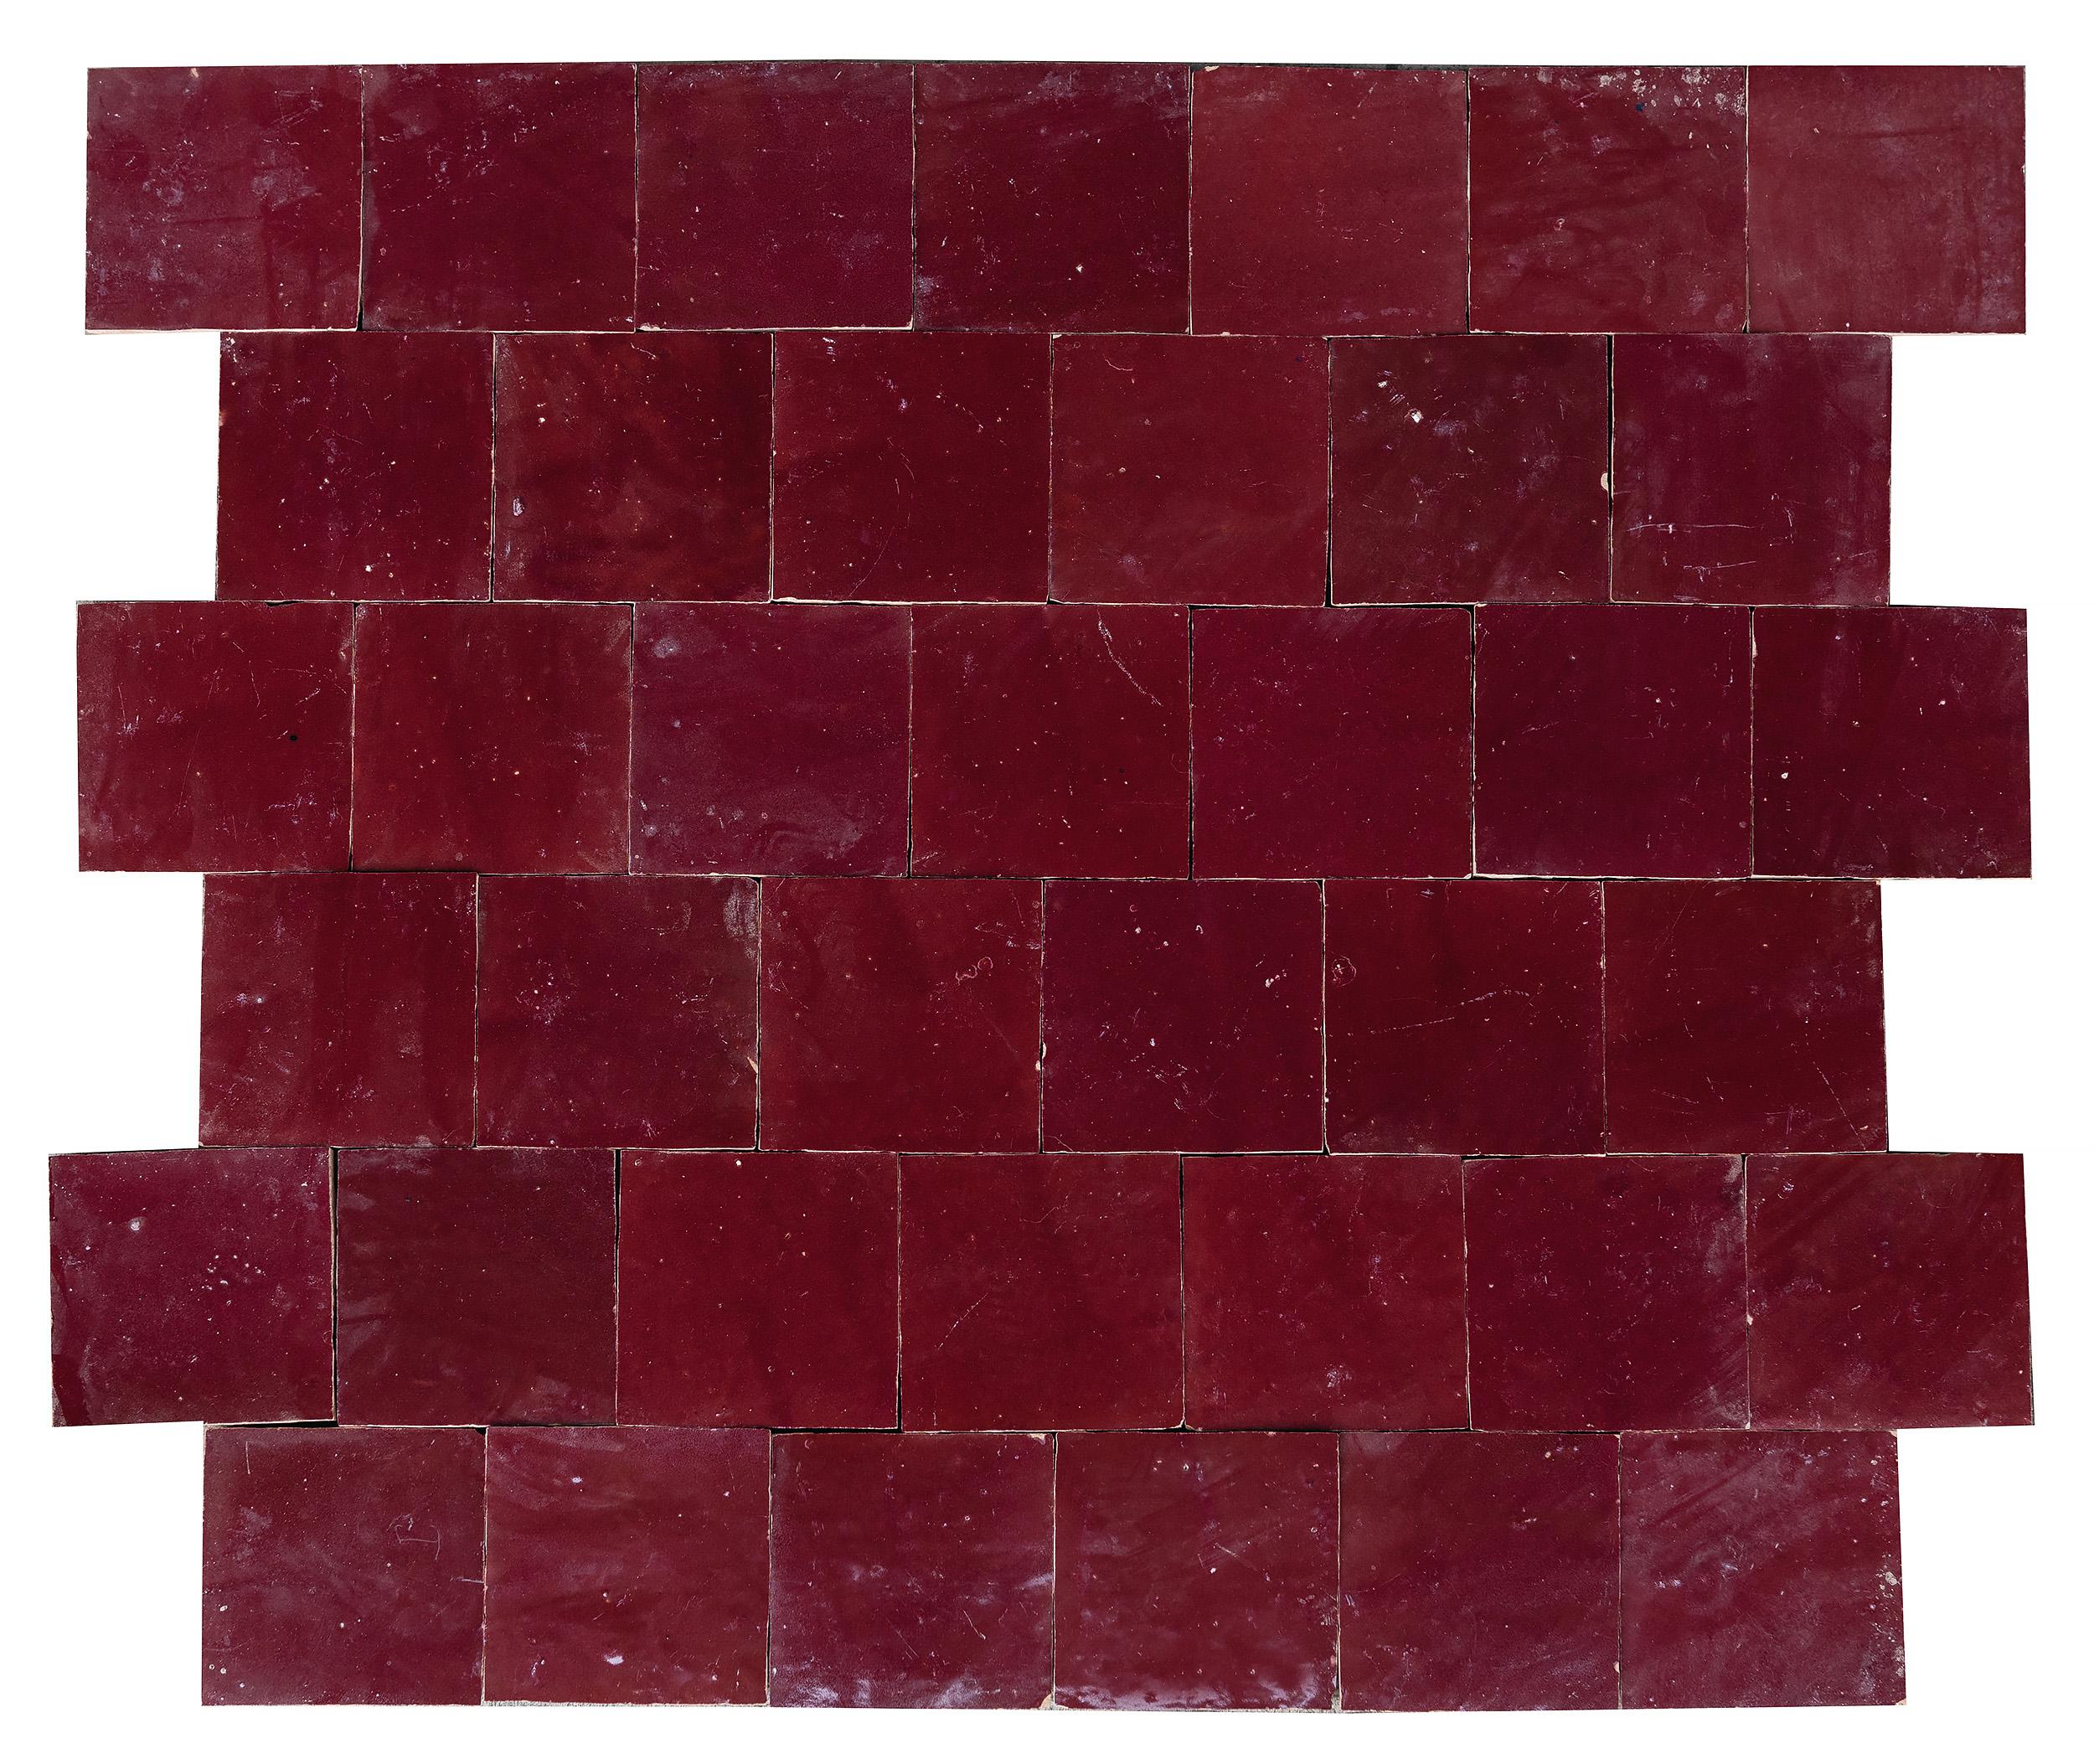 Zellige Wall Tiles Dark Red Marrakechdesign